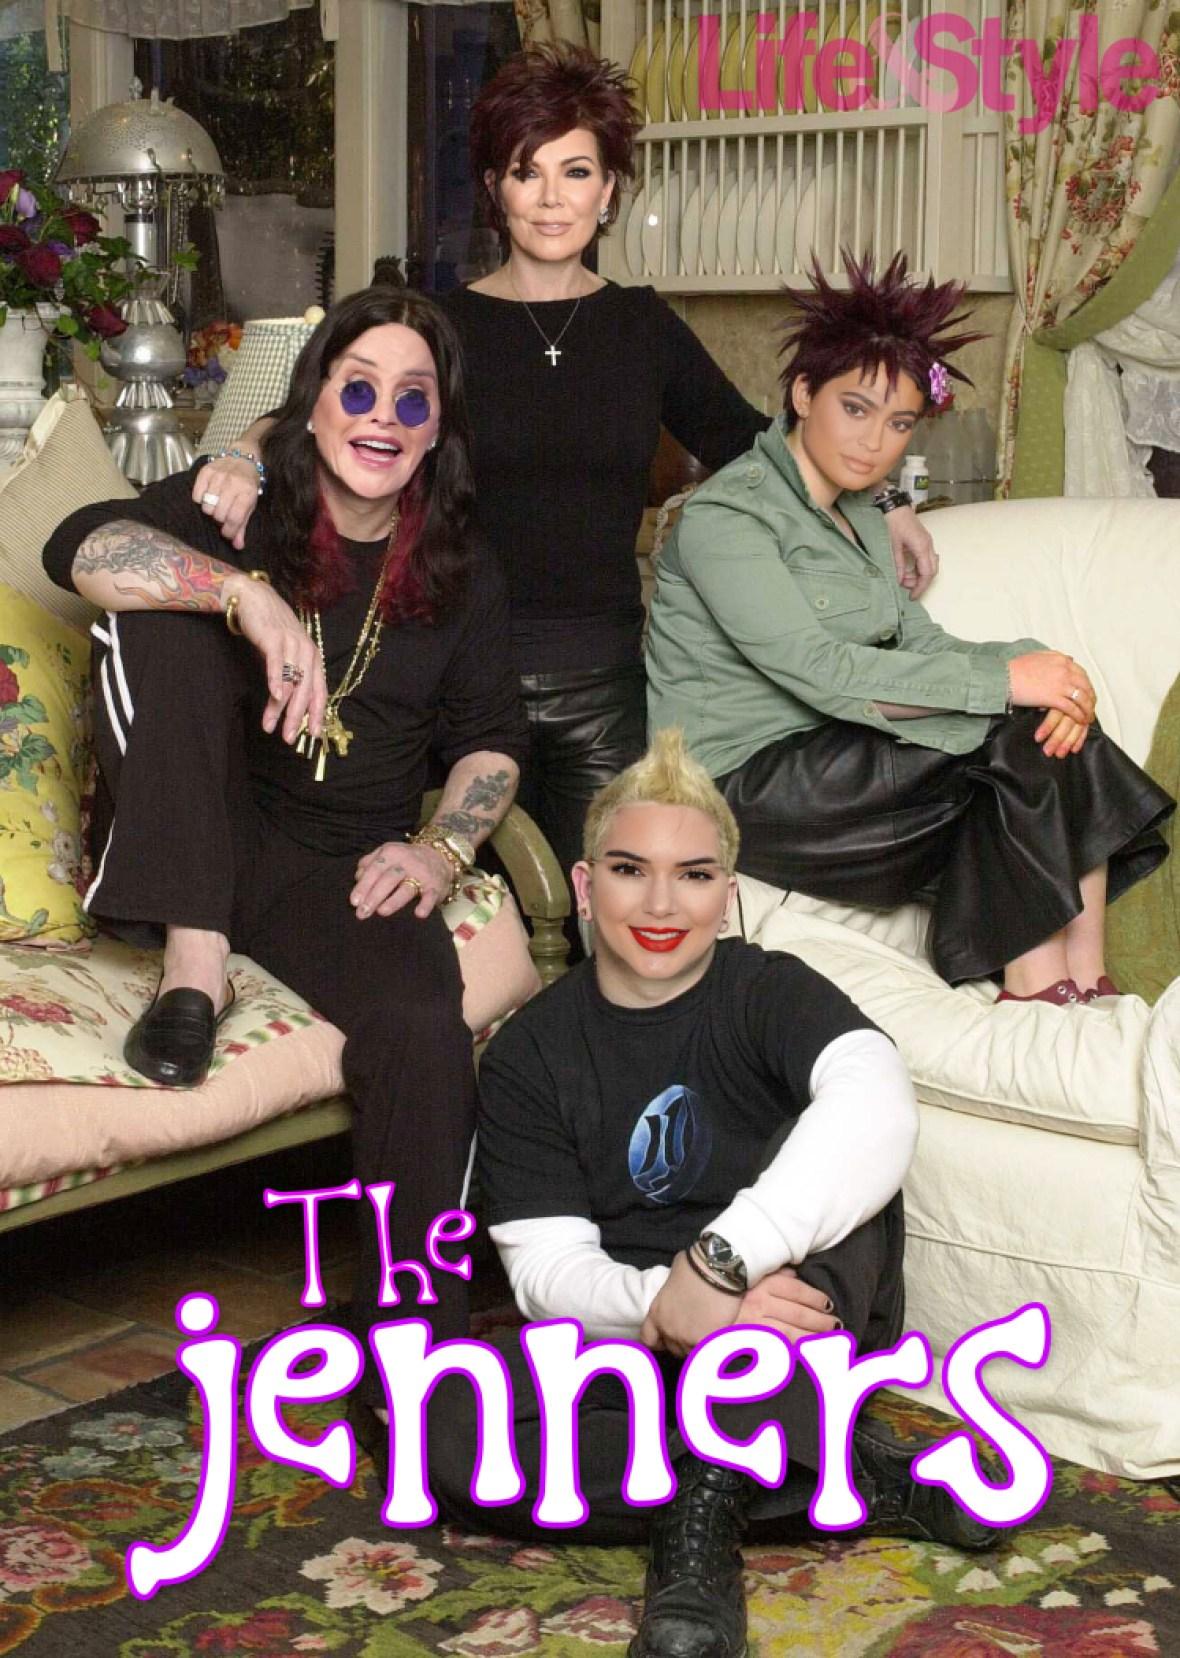 osbournes and jenners